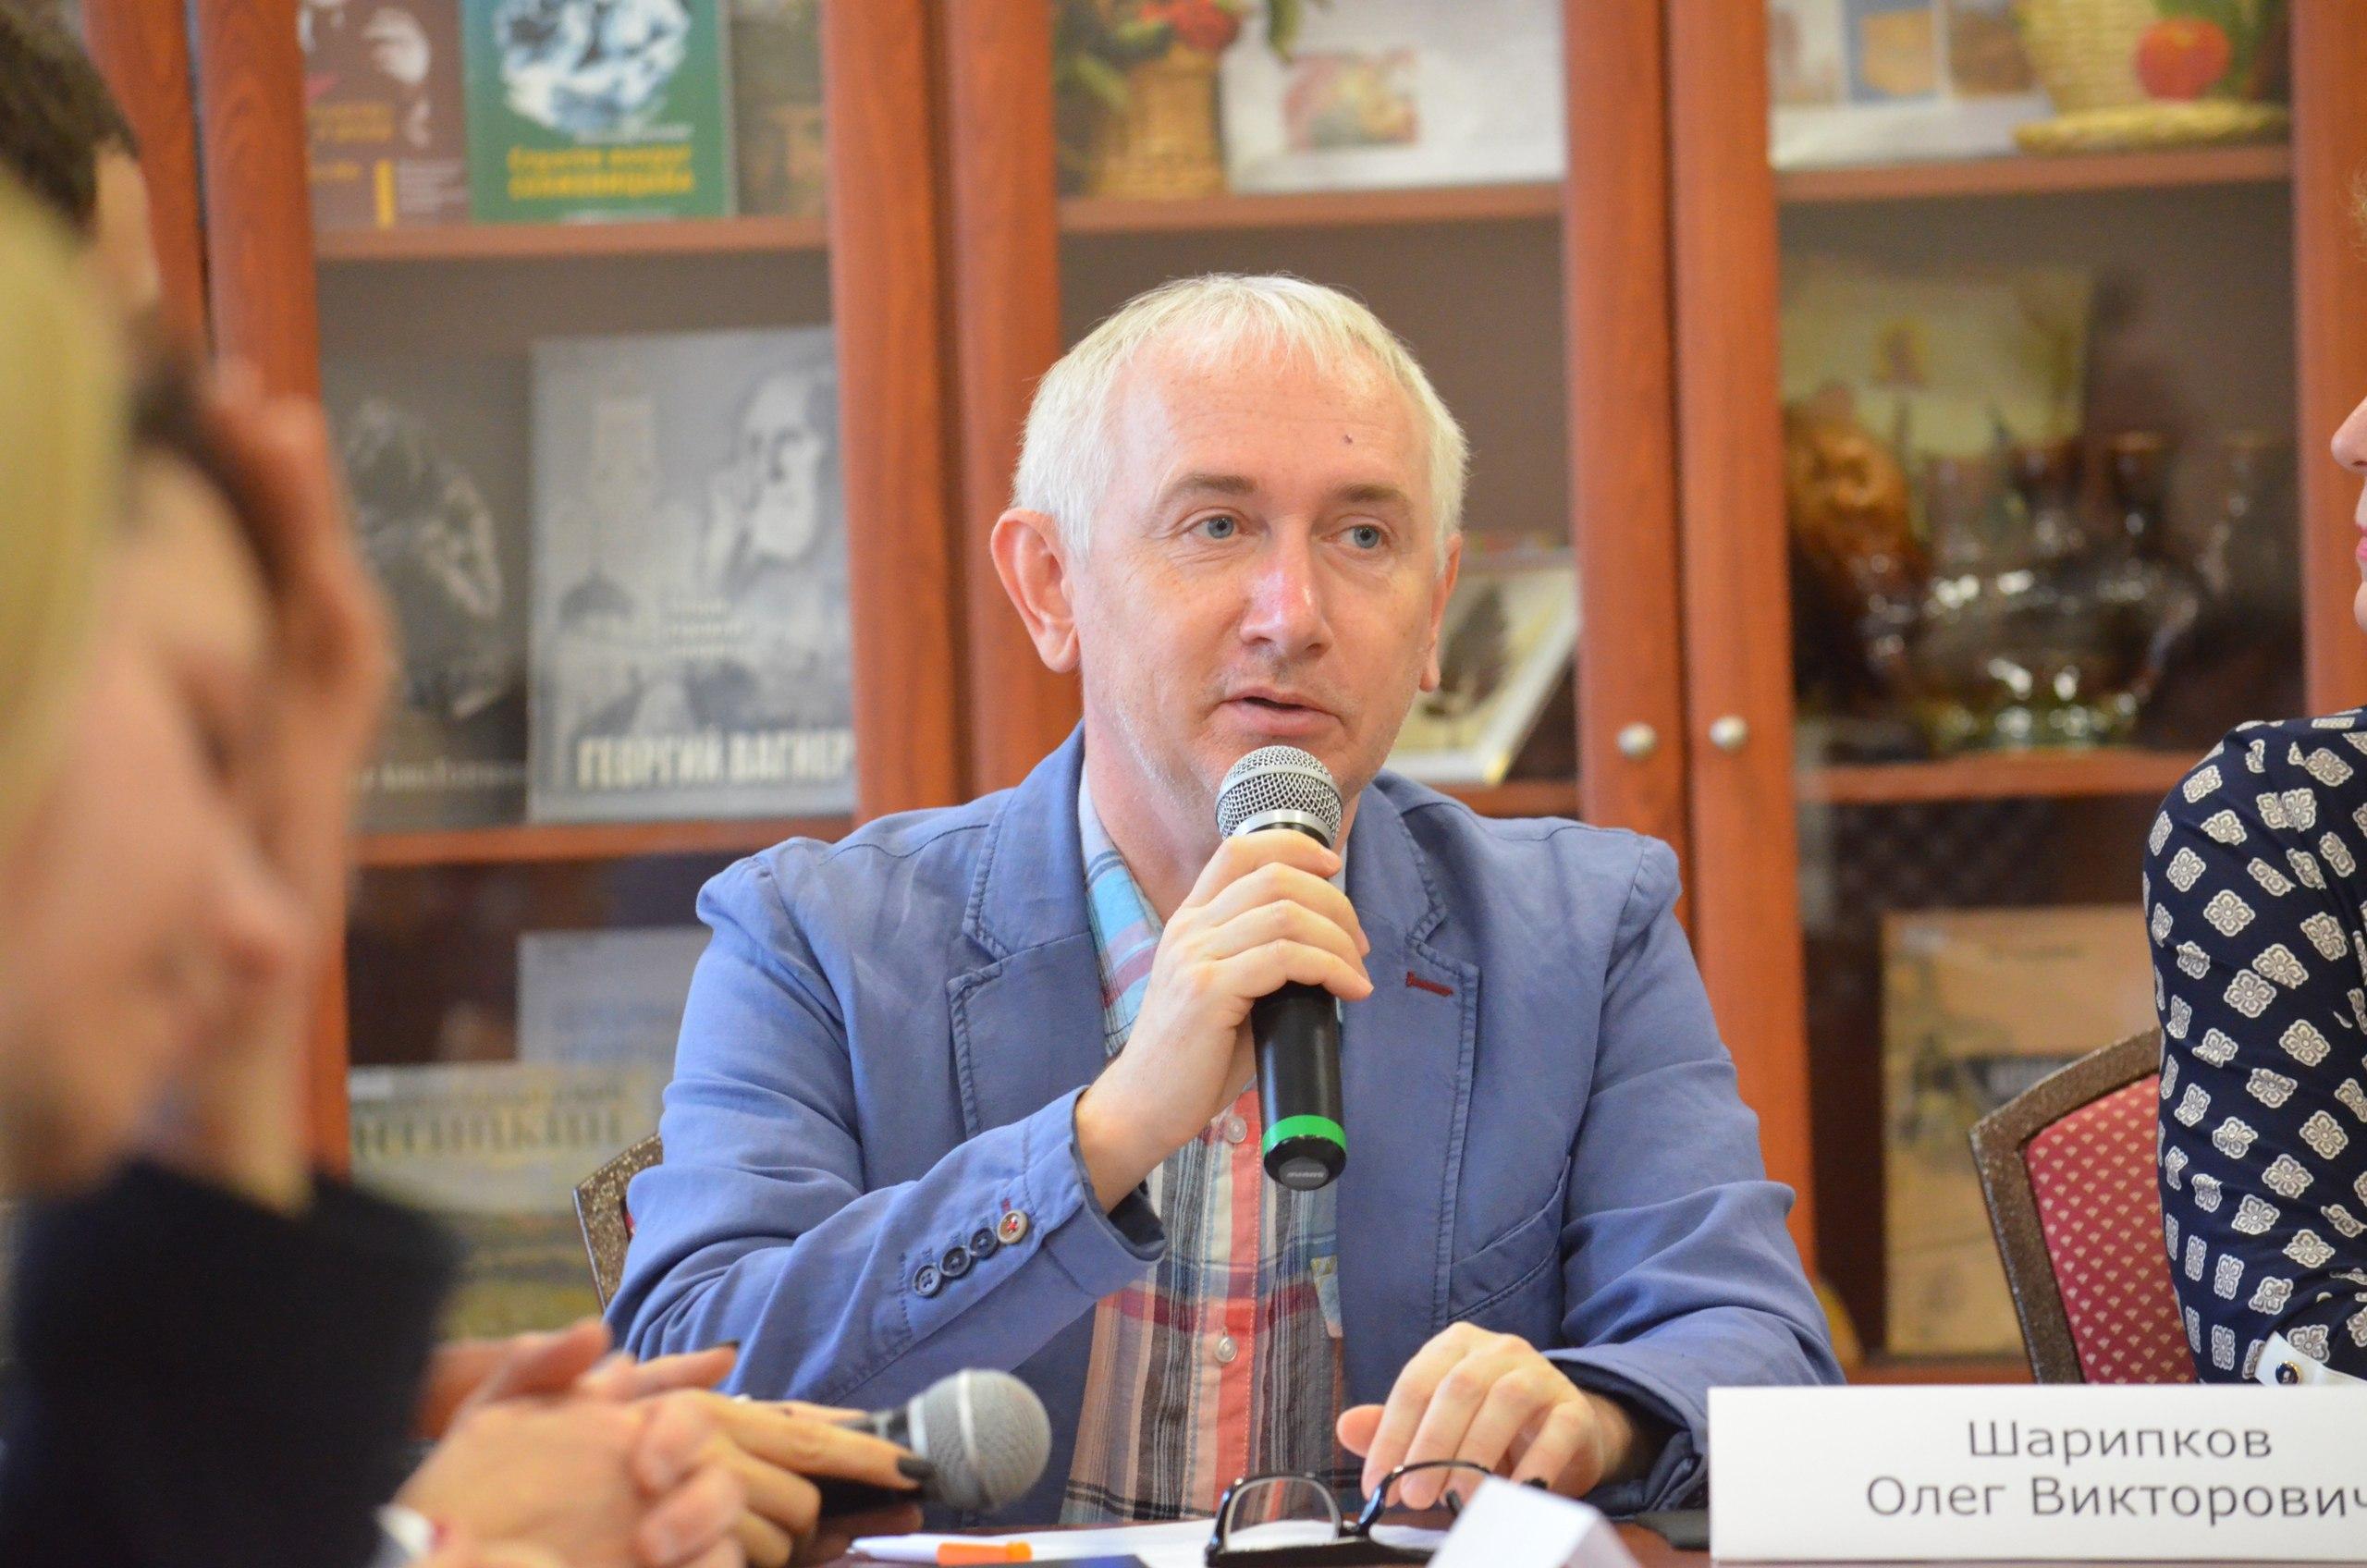 Фонд тимченко итоги конкурса активное поколение